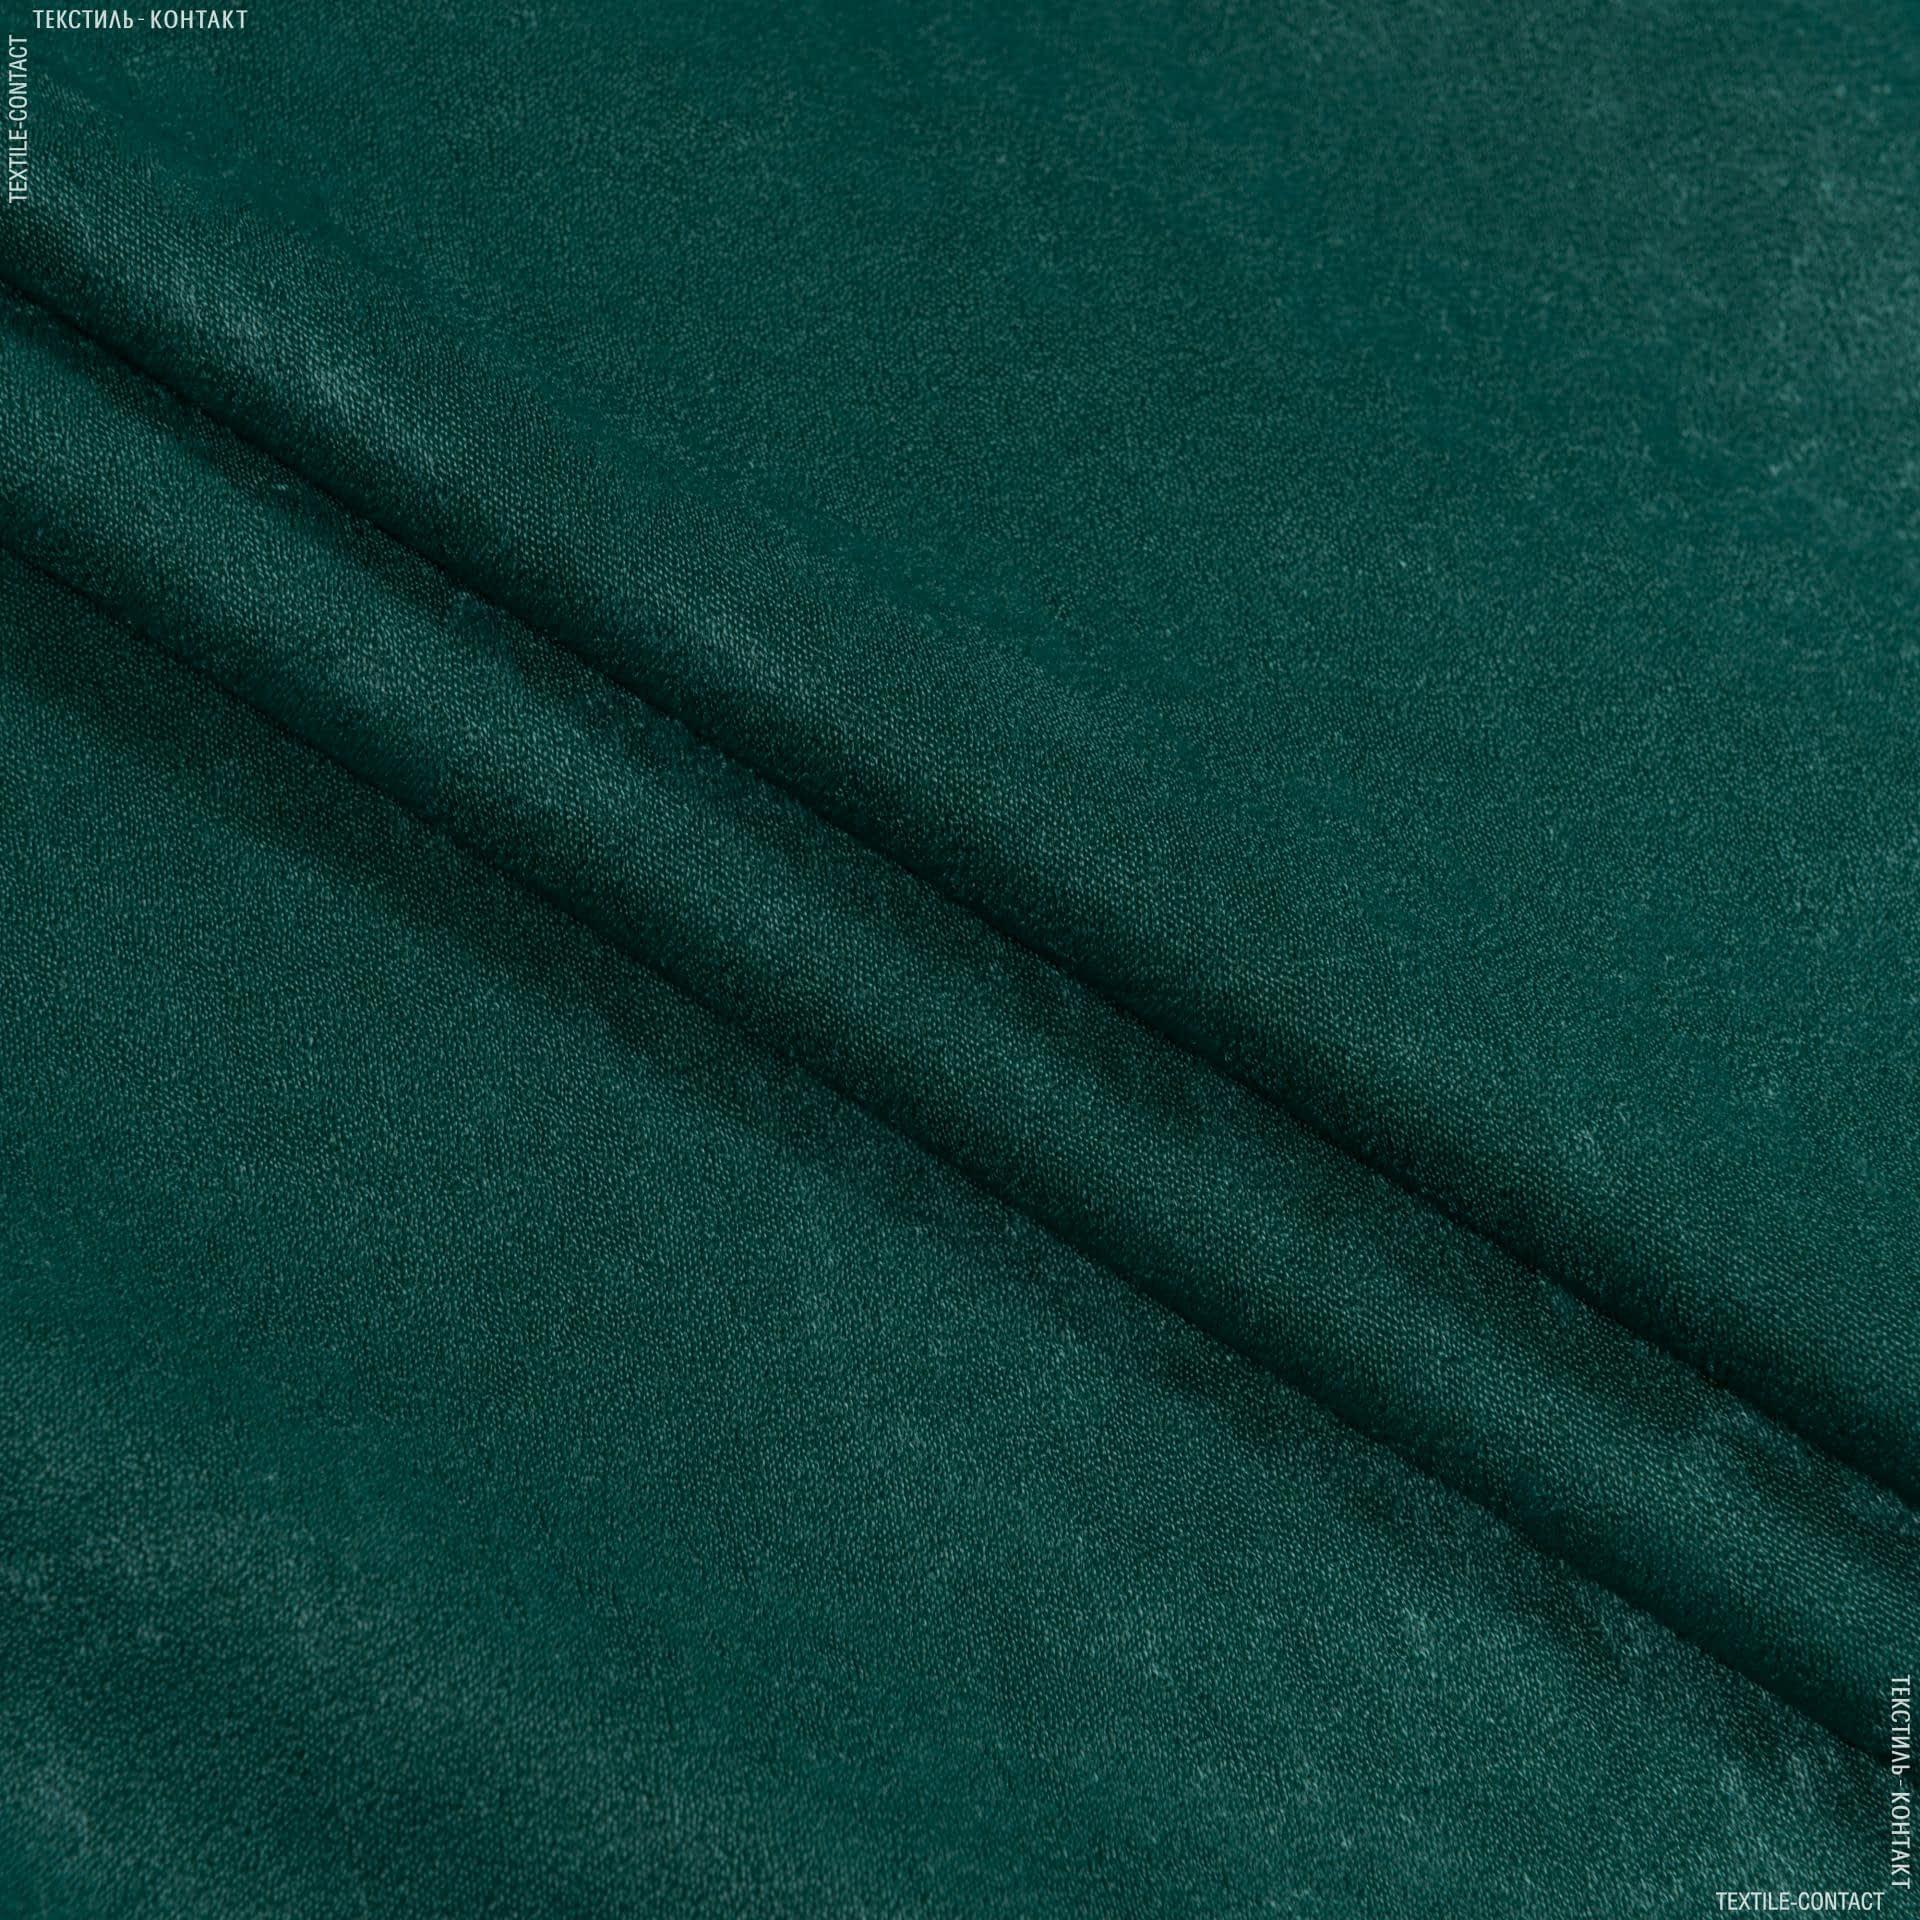 Ткани портьерные ткани - Чин-чила  софт мрамор огнеупорная fr/  т.зеленый